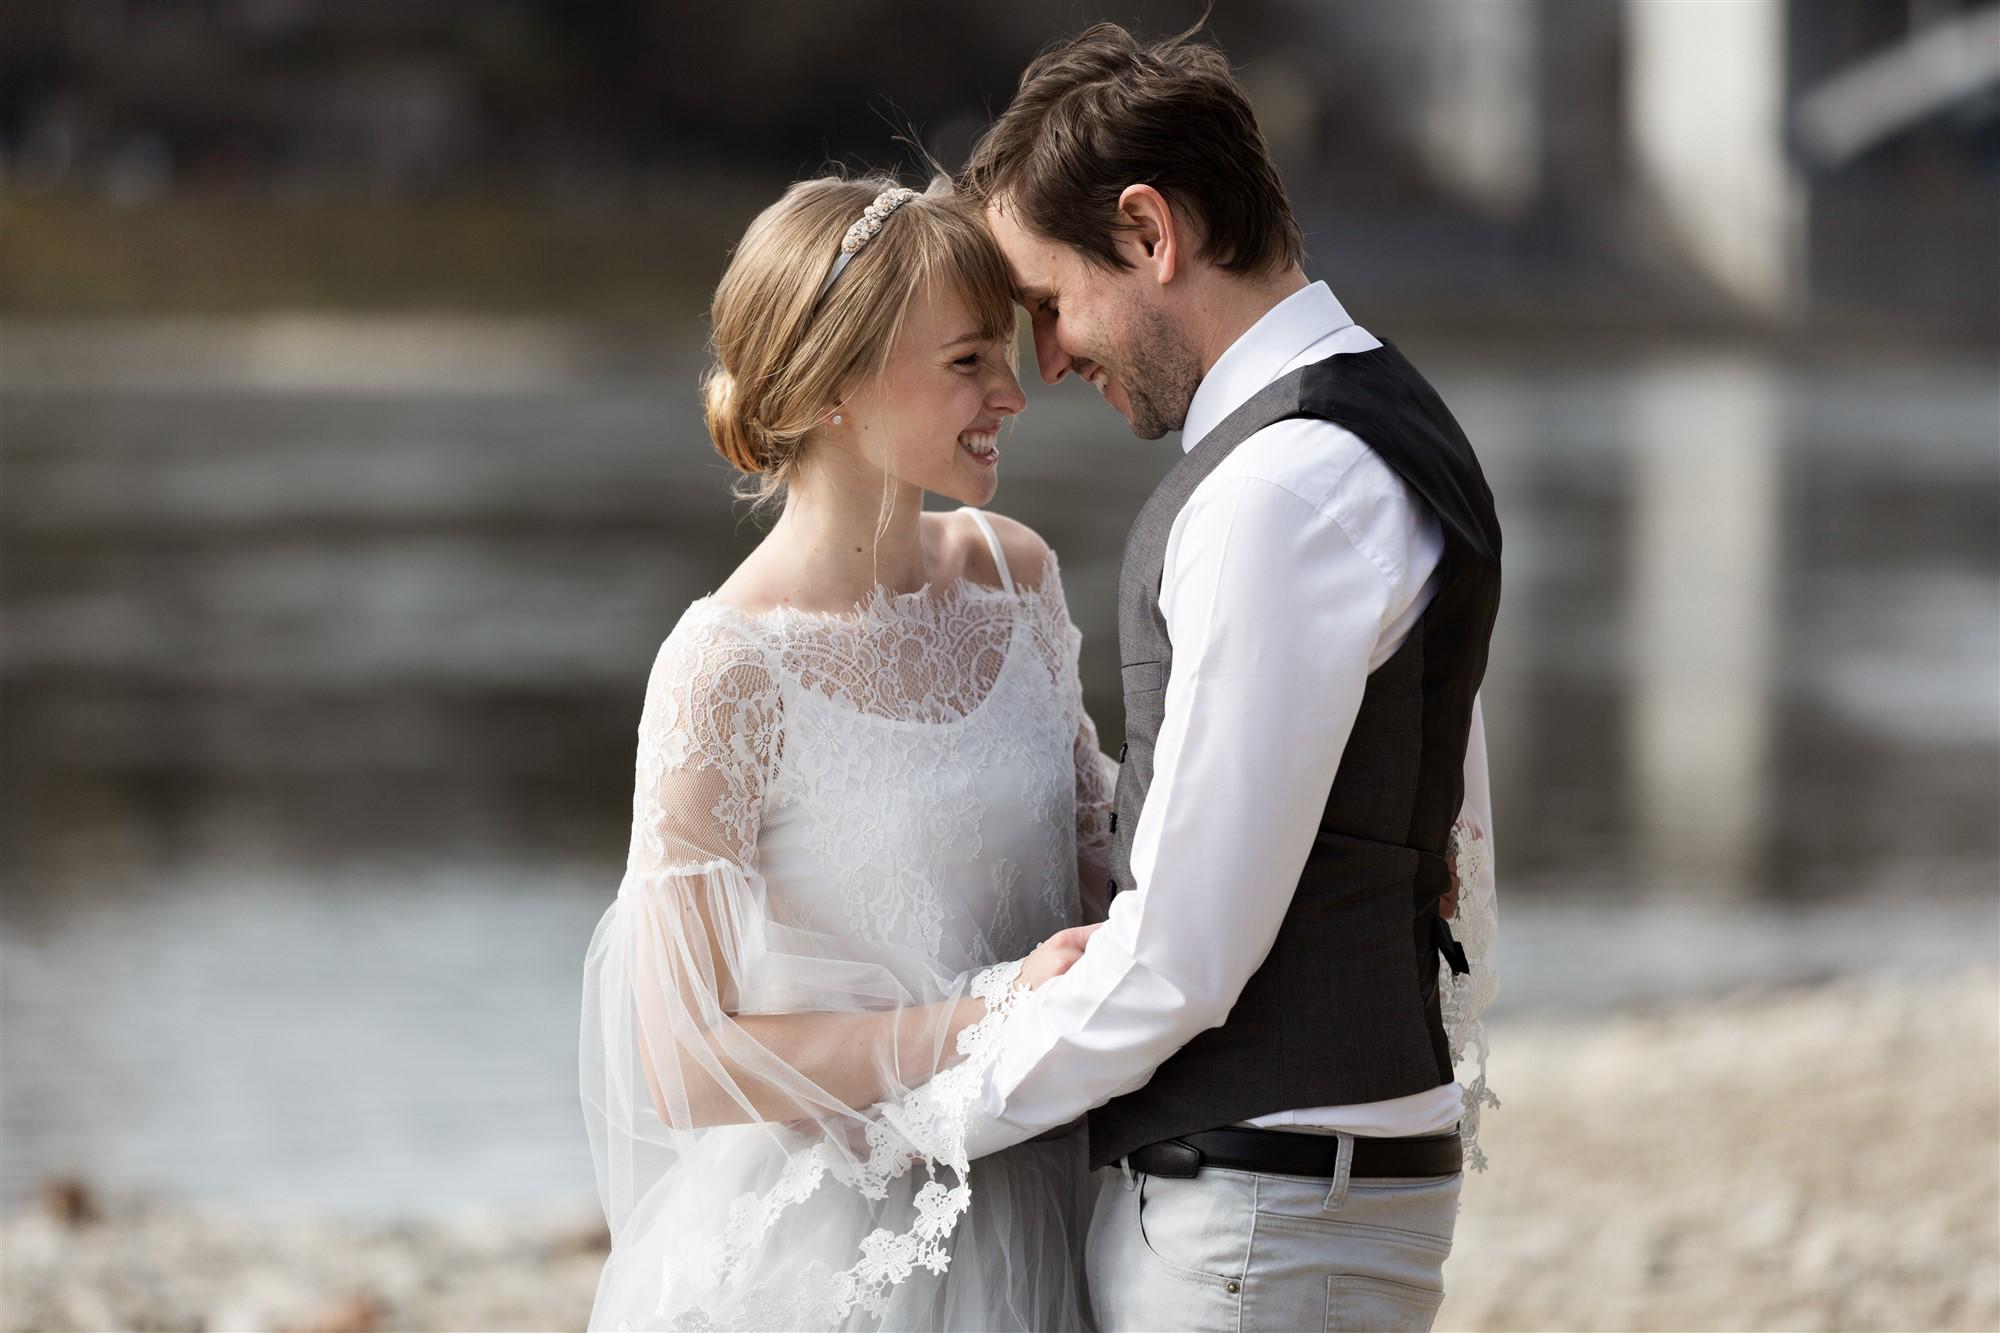 Romantisches Fotoshooting mit dem verliebten Paar am Basler Rheinufer